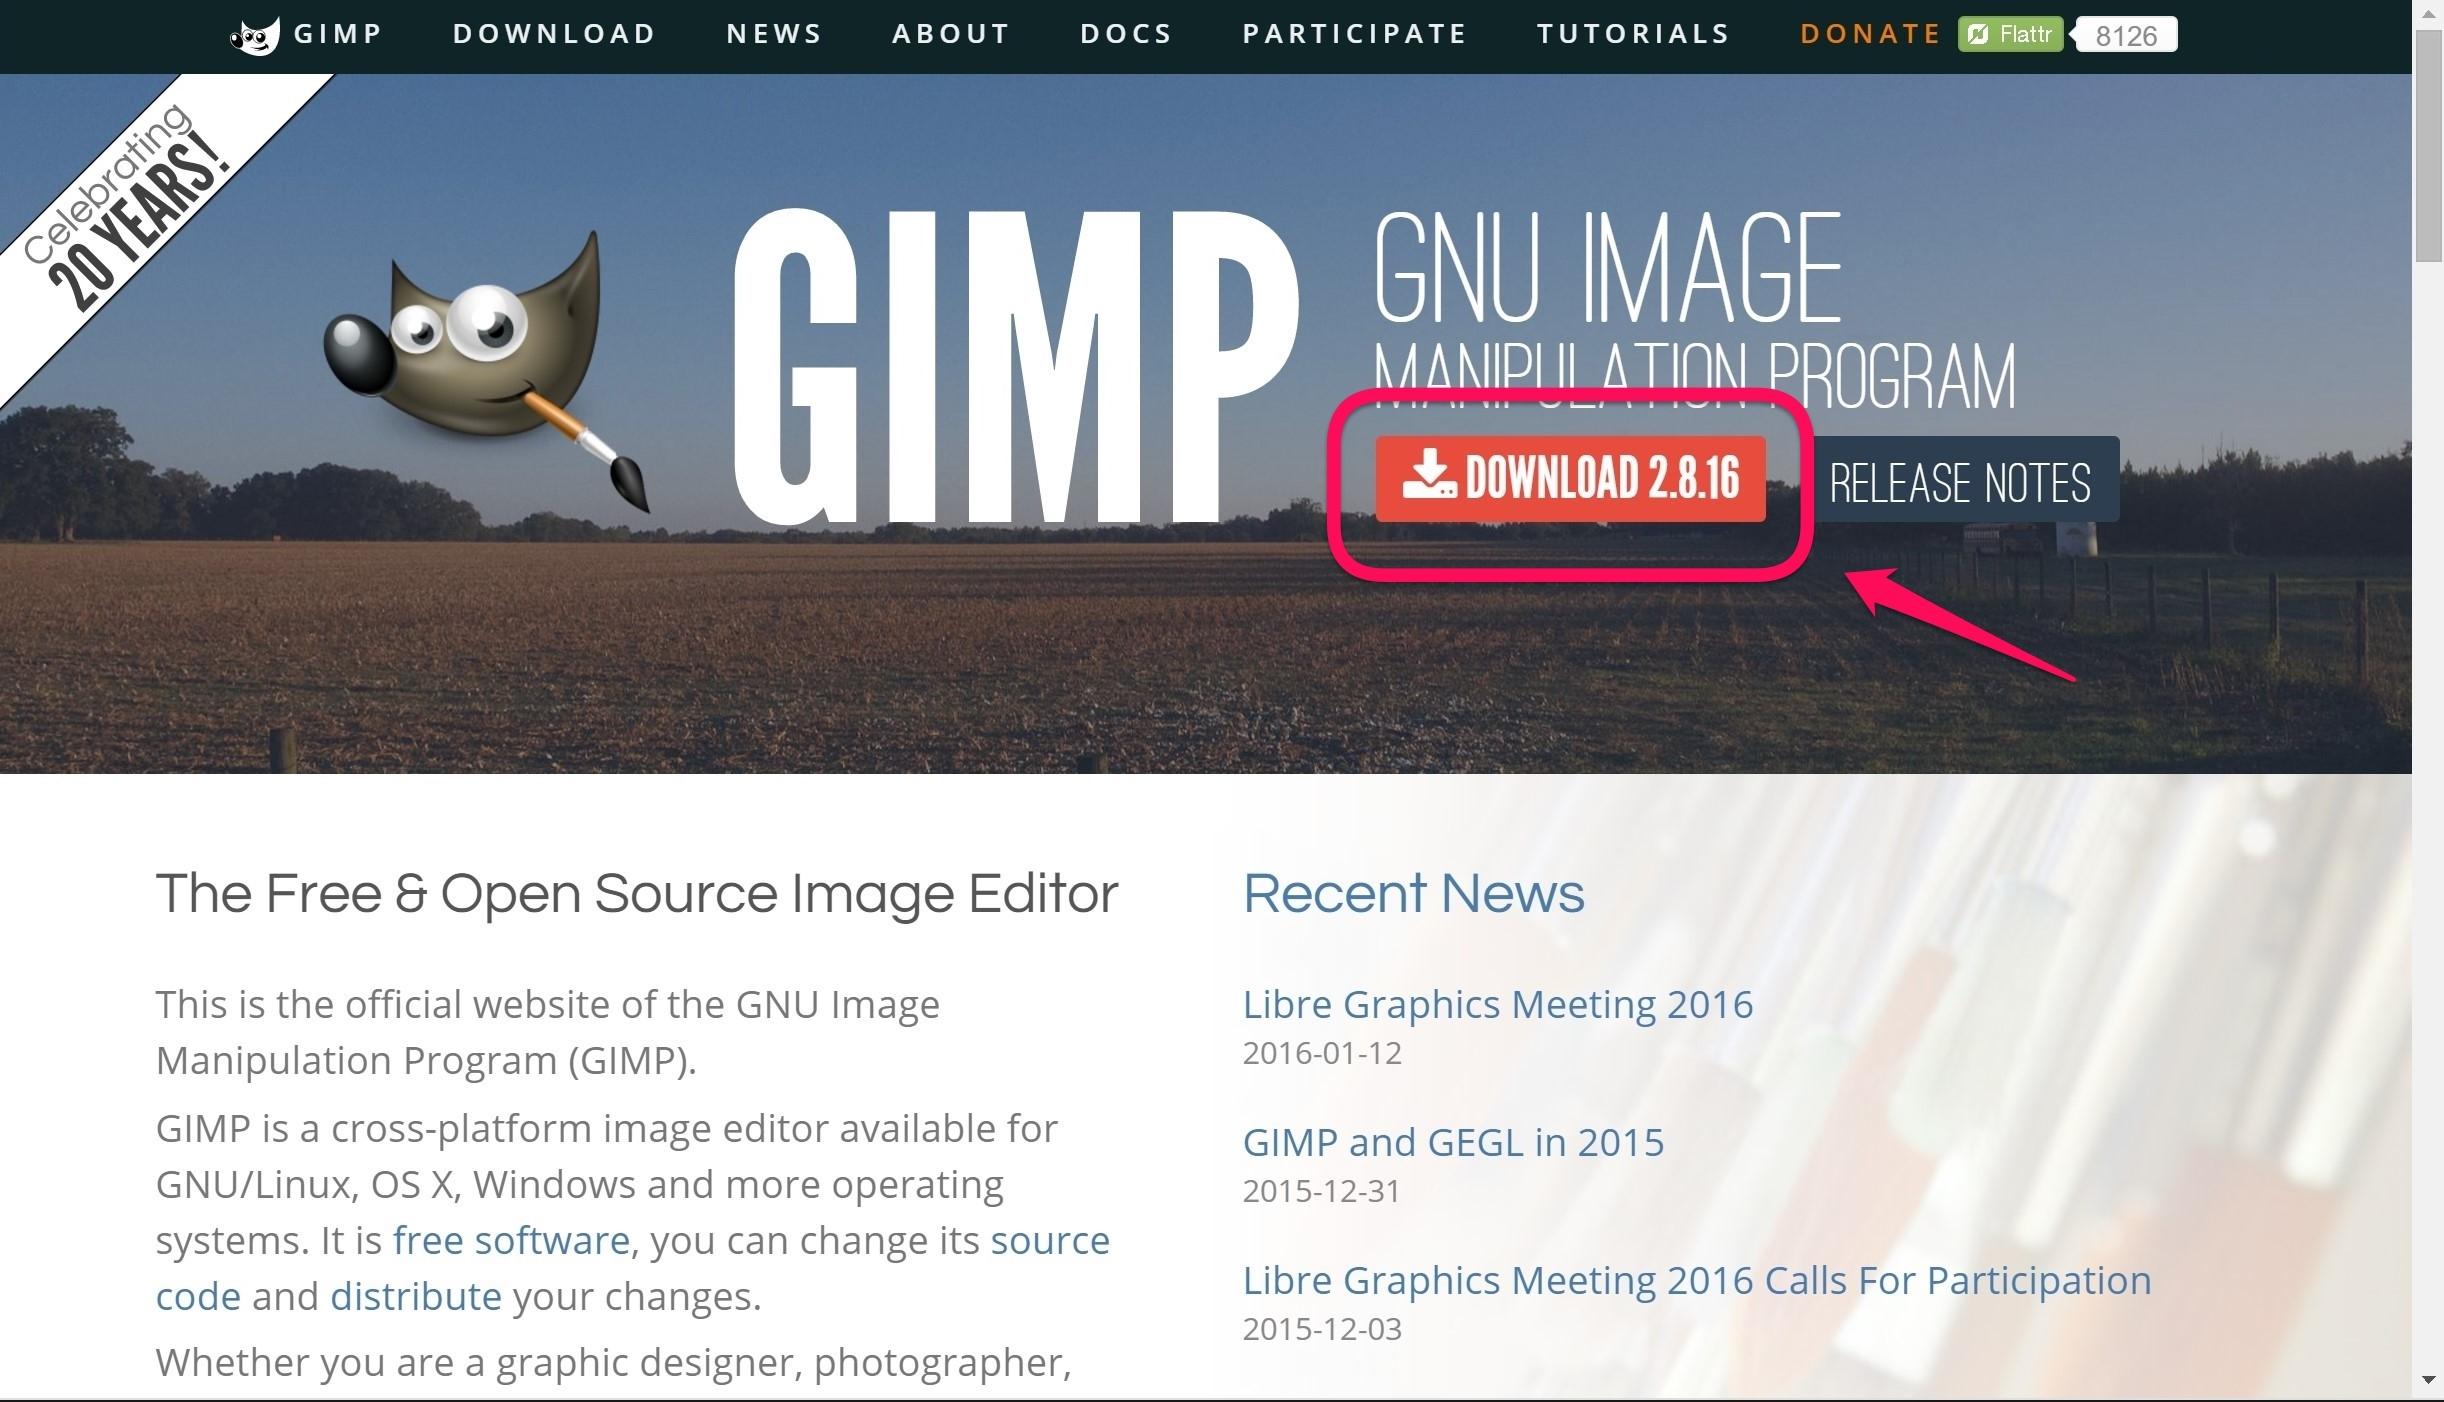 GIMPダウンロード